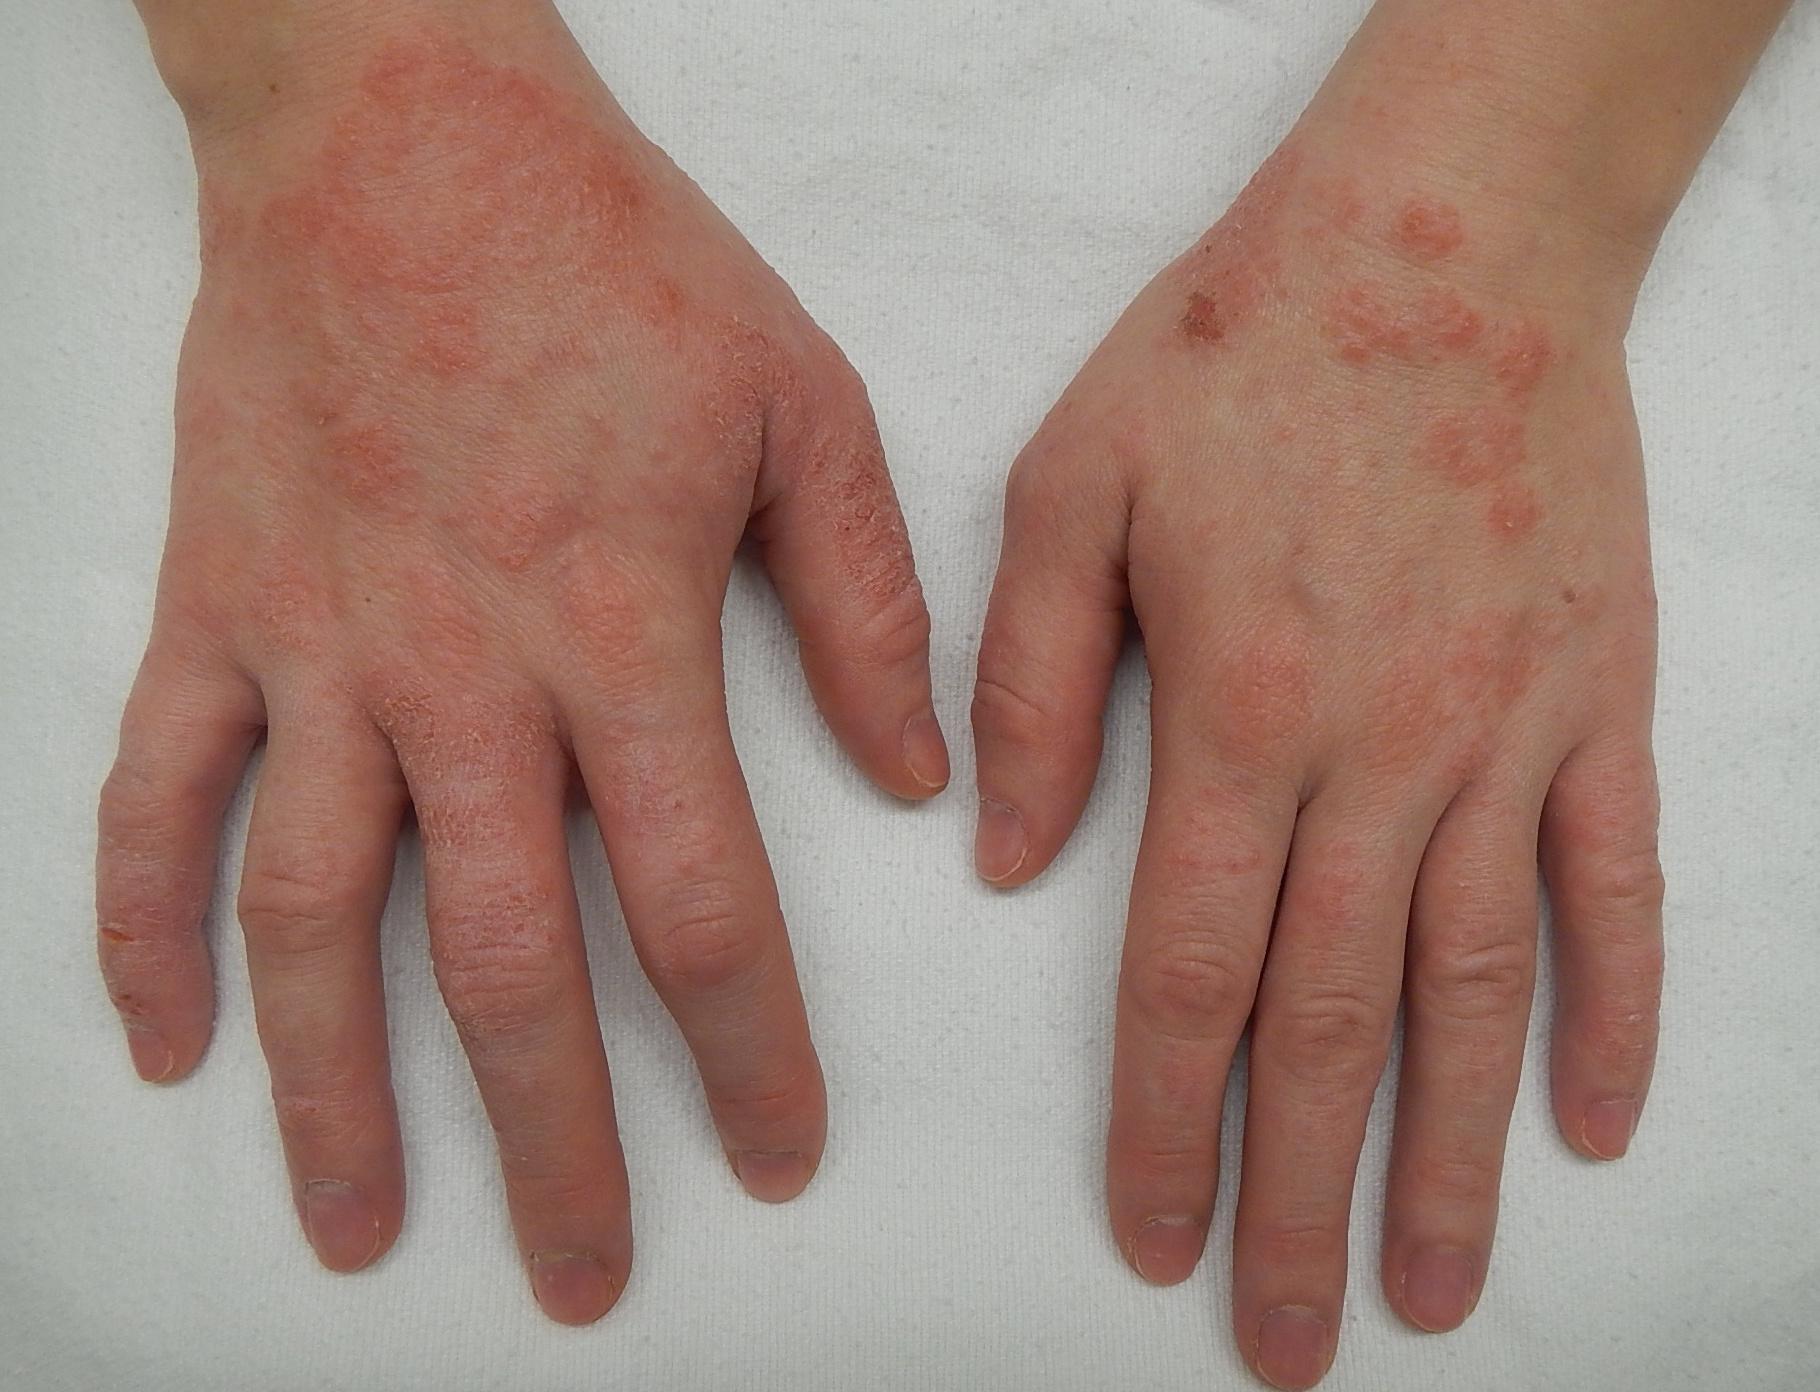 vörös foltok jelennek meg az ujjakon